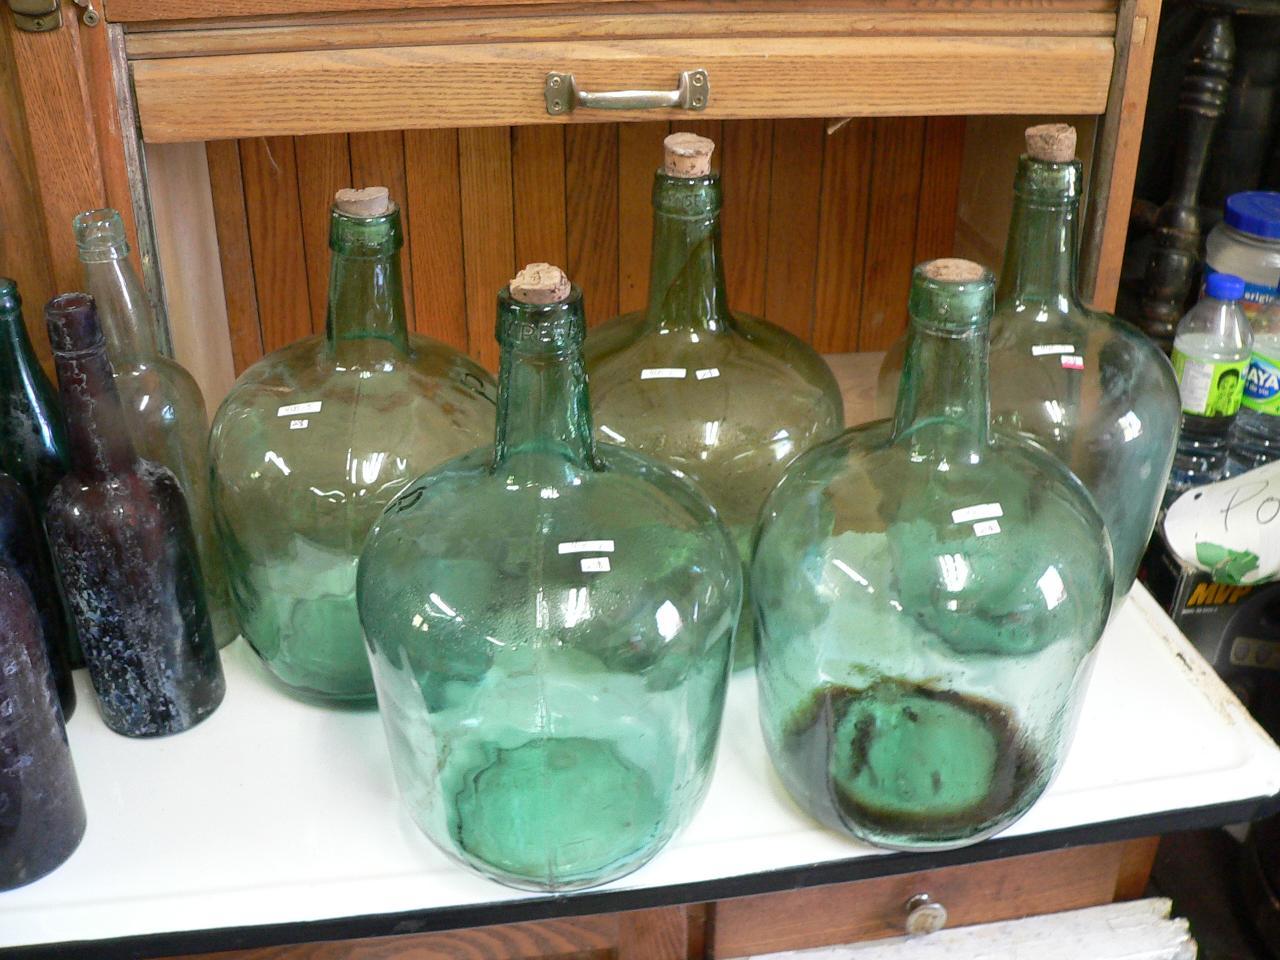 5 belle cruche en verre # 4135